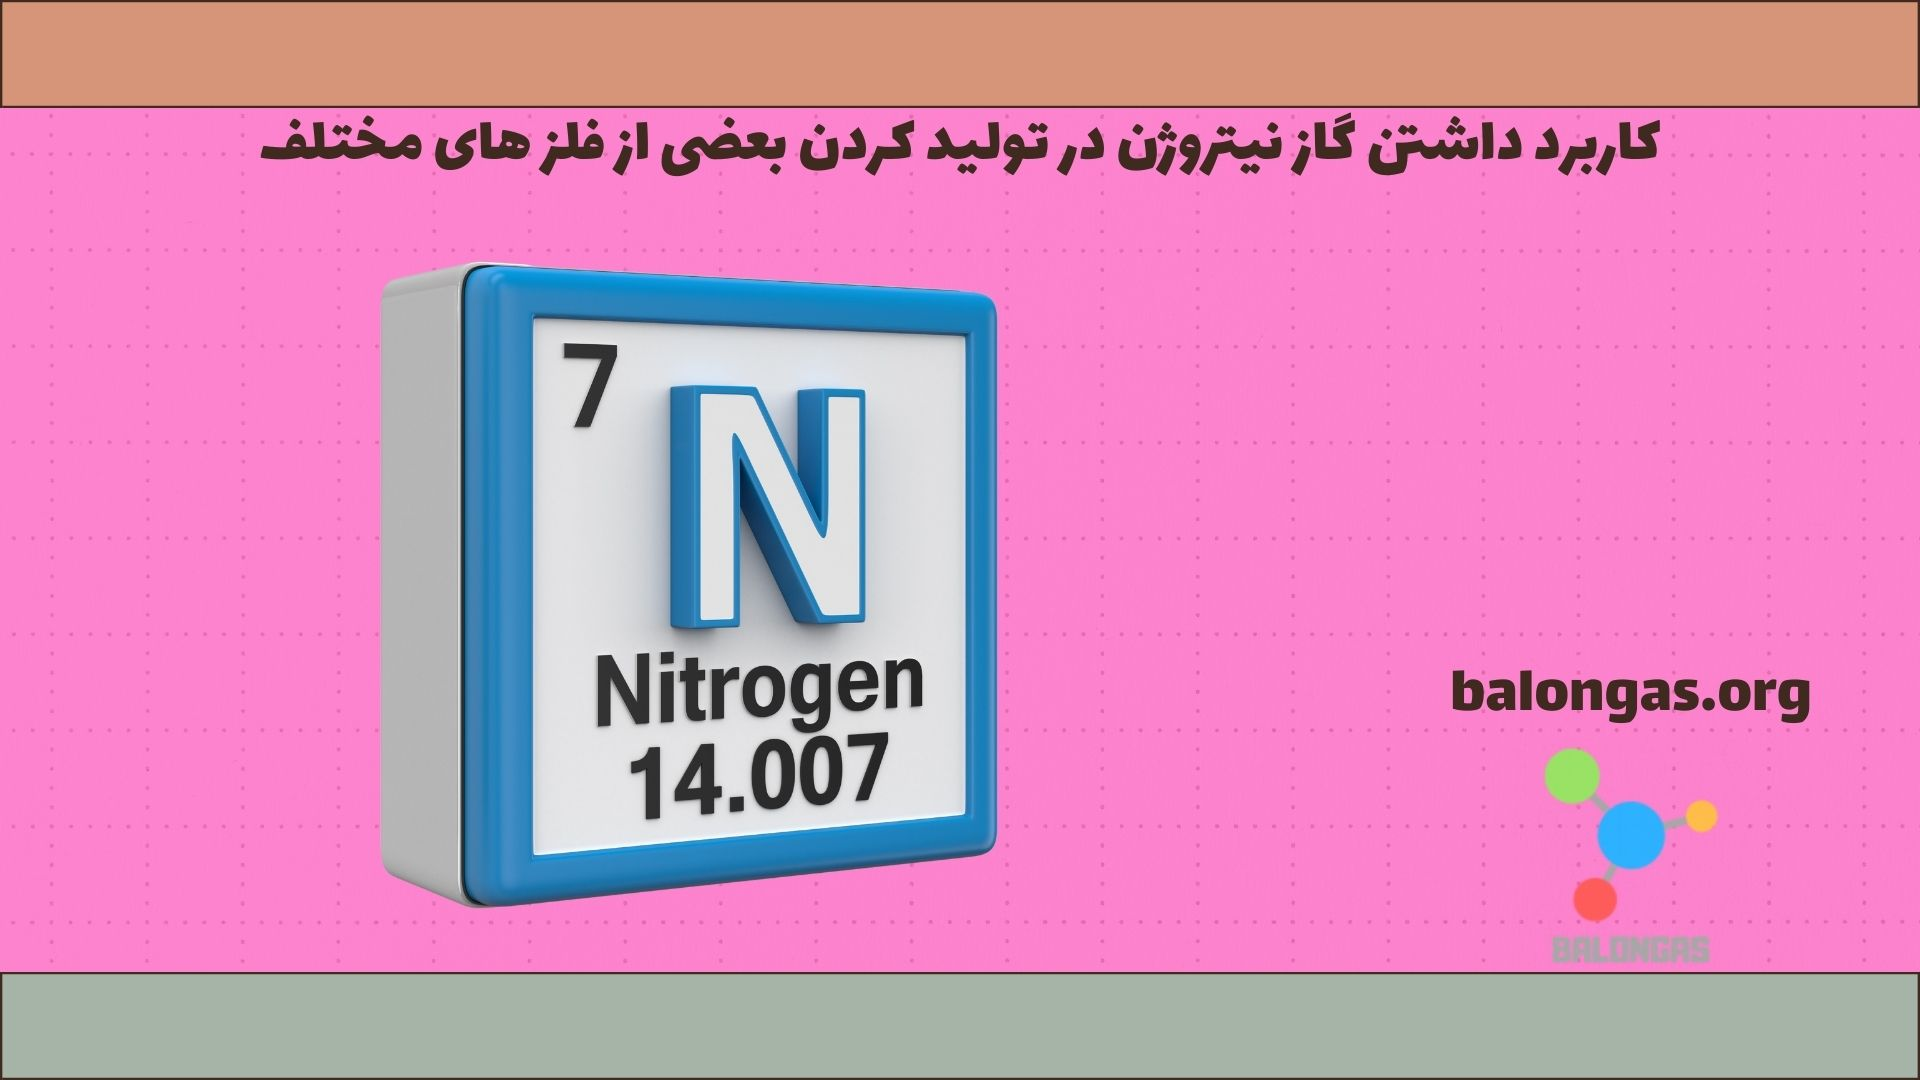 کاربرد داشتن گاز نیتروژن در تولید کردن بعضی از فلزهای مختلف